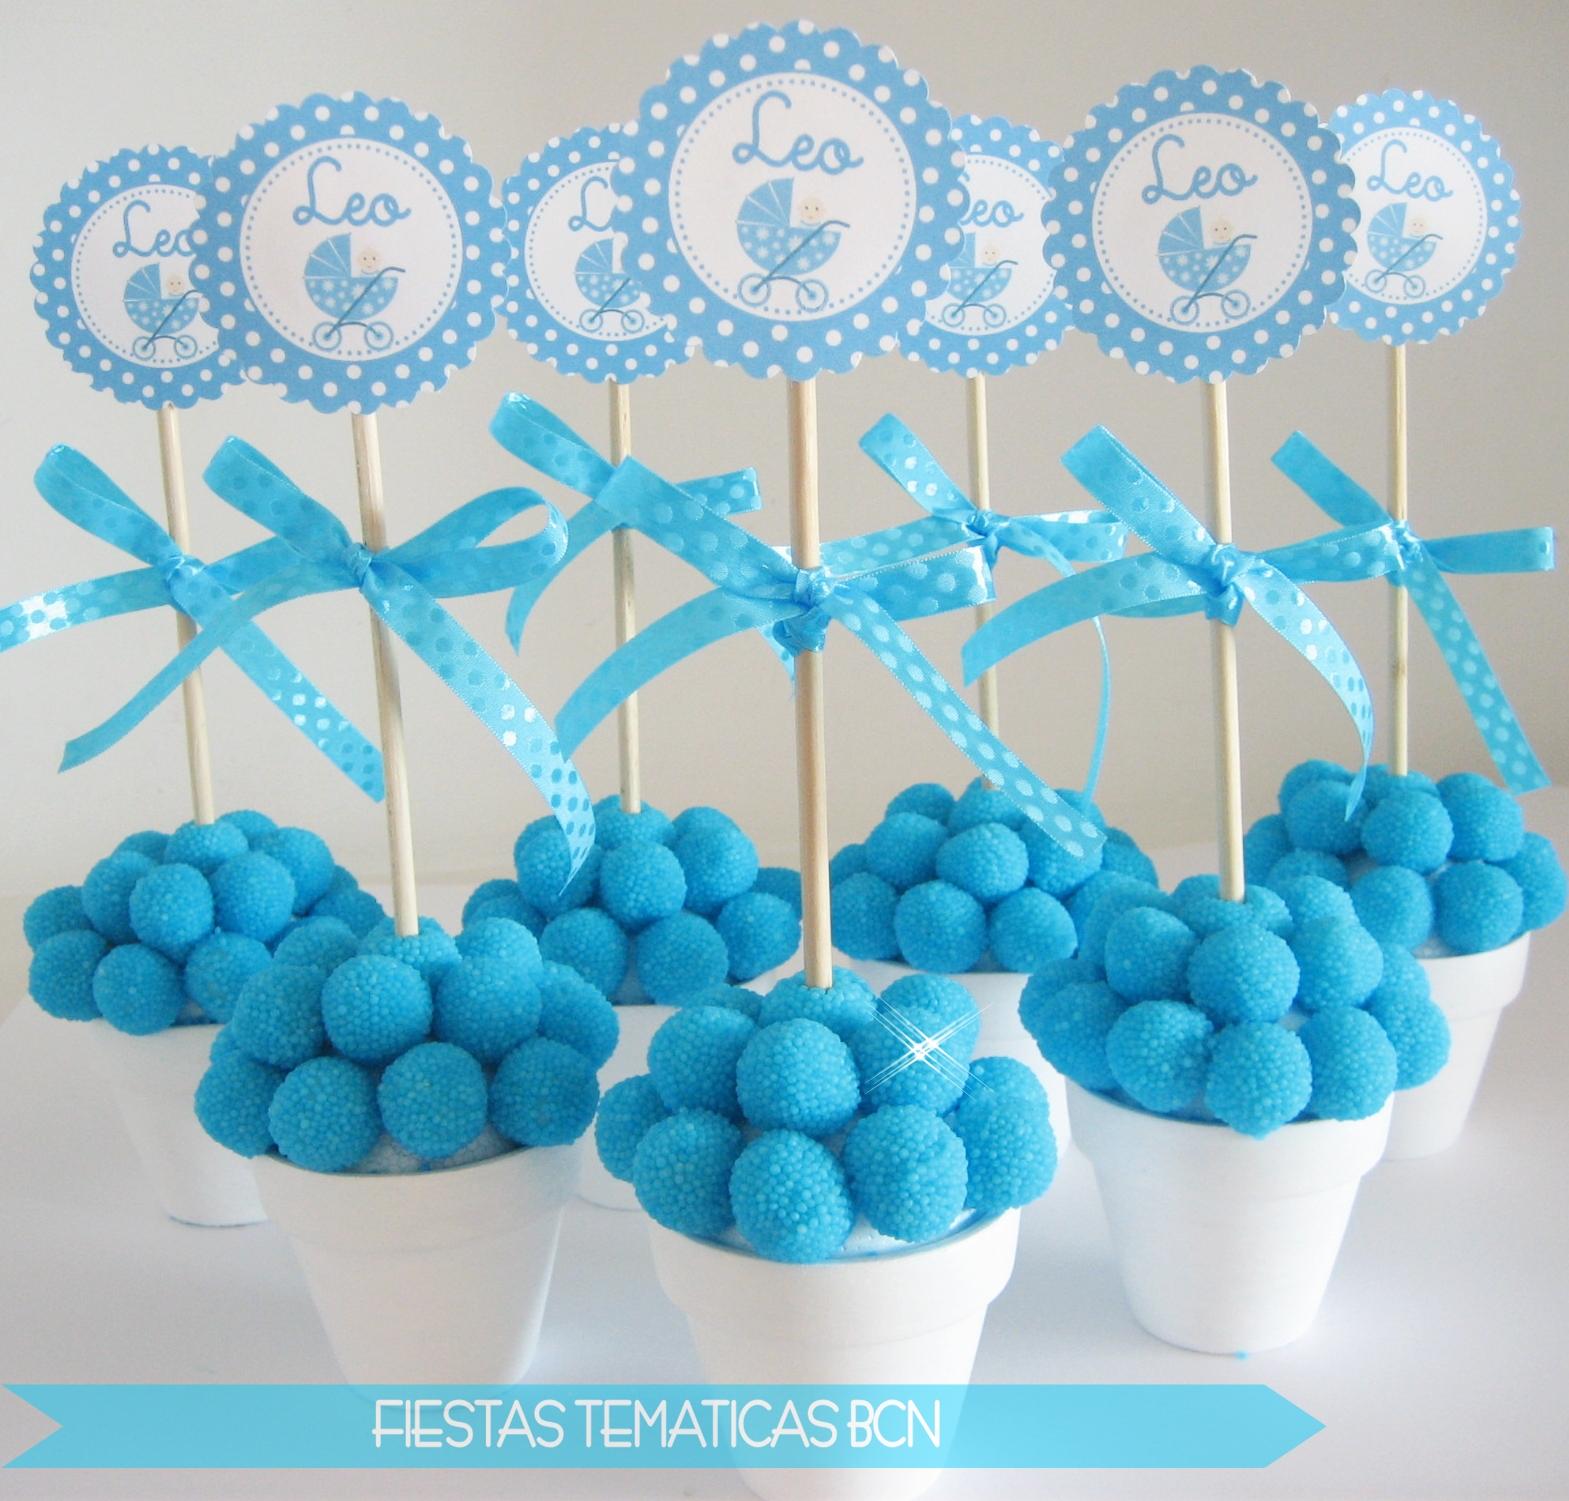 Fiestas tem ticas bcn kits de fiesta imprimibles - Como hacer centros de mesa con dulces para bautizo ...